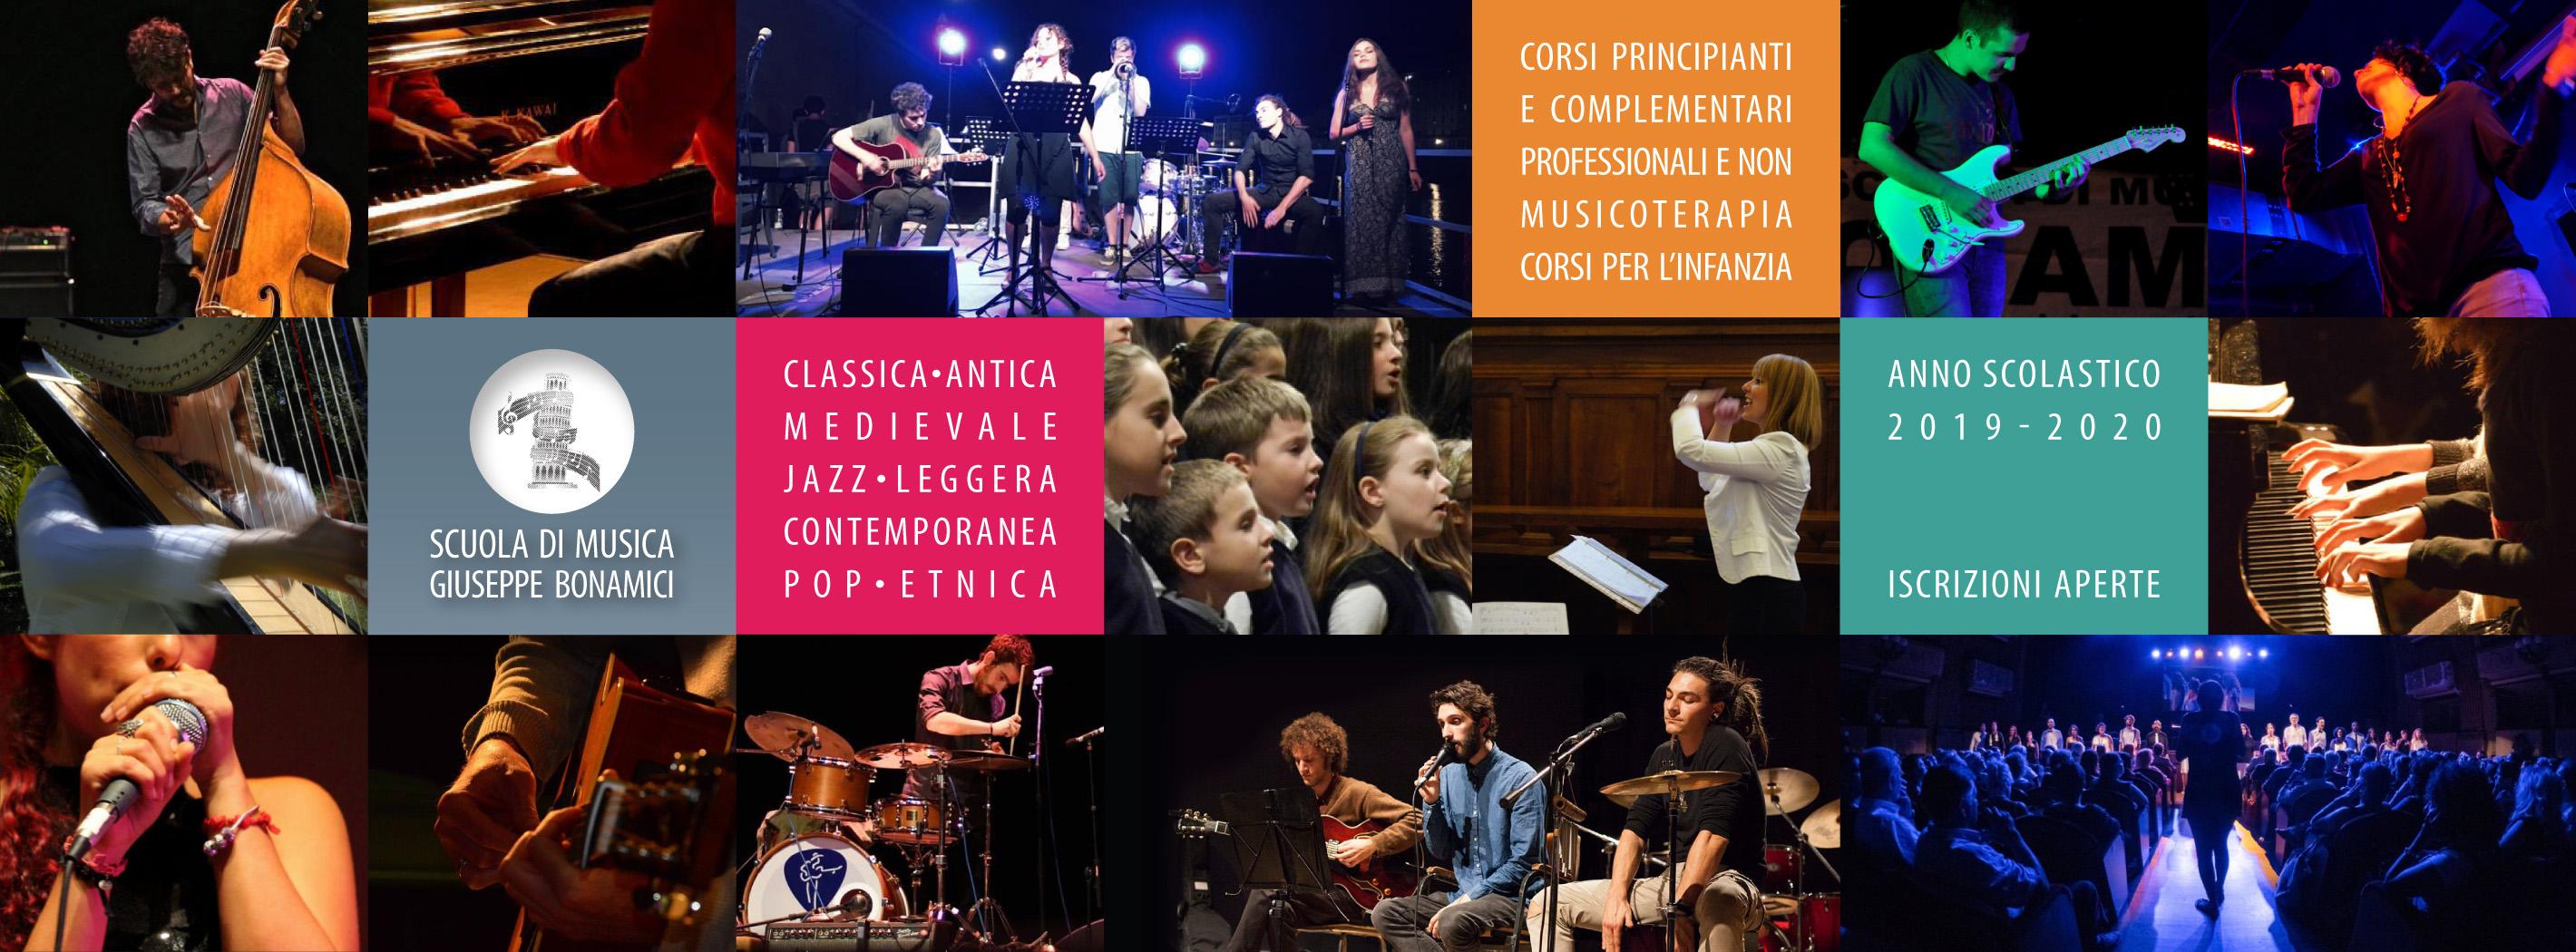 Giorni di chiusura Scuola Bonamici A.S. 2019-2020